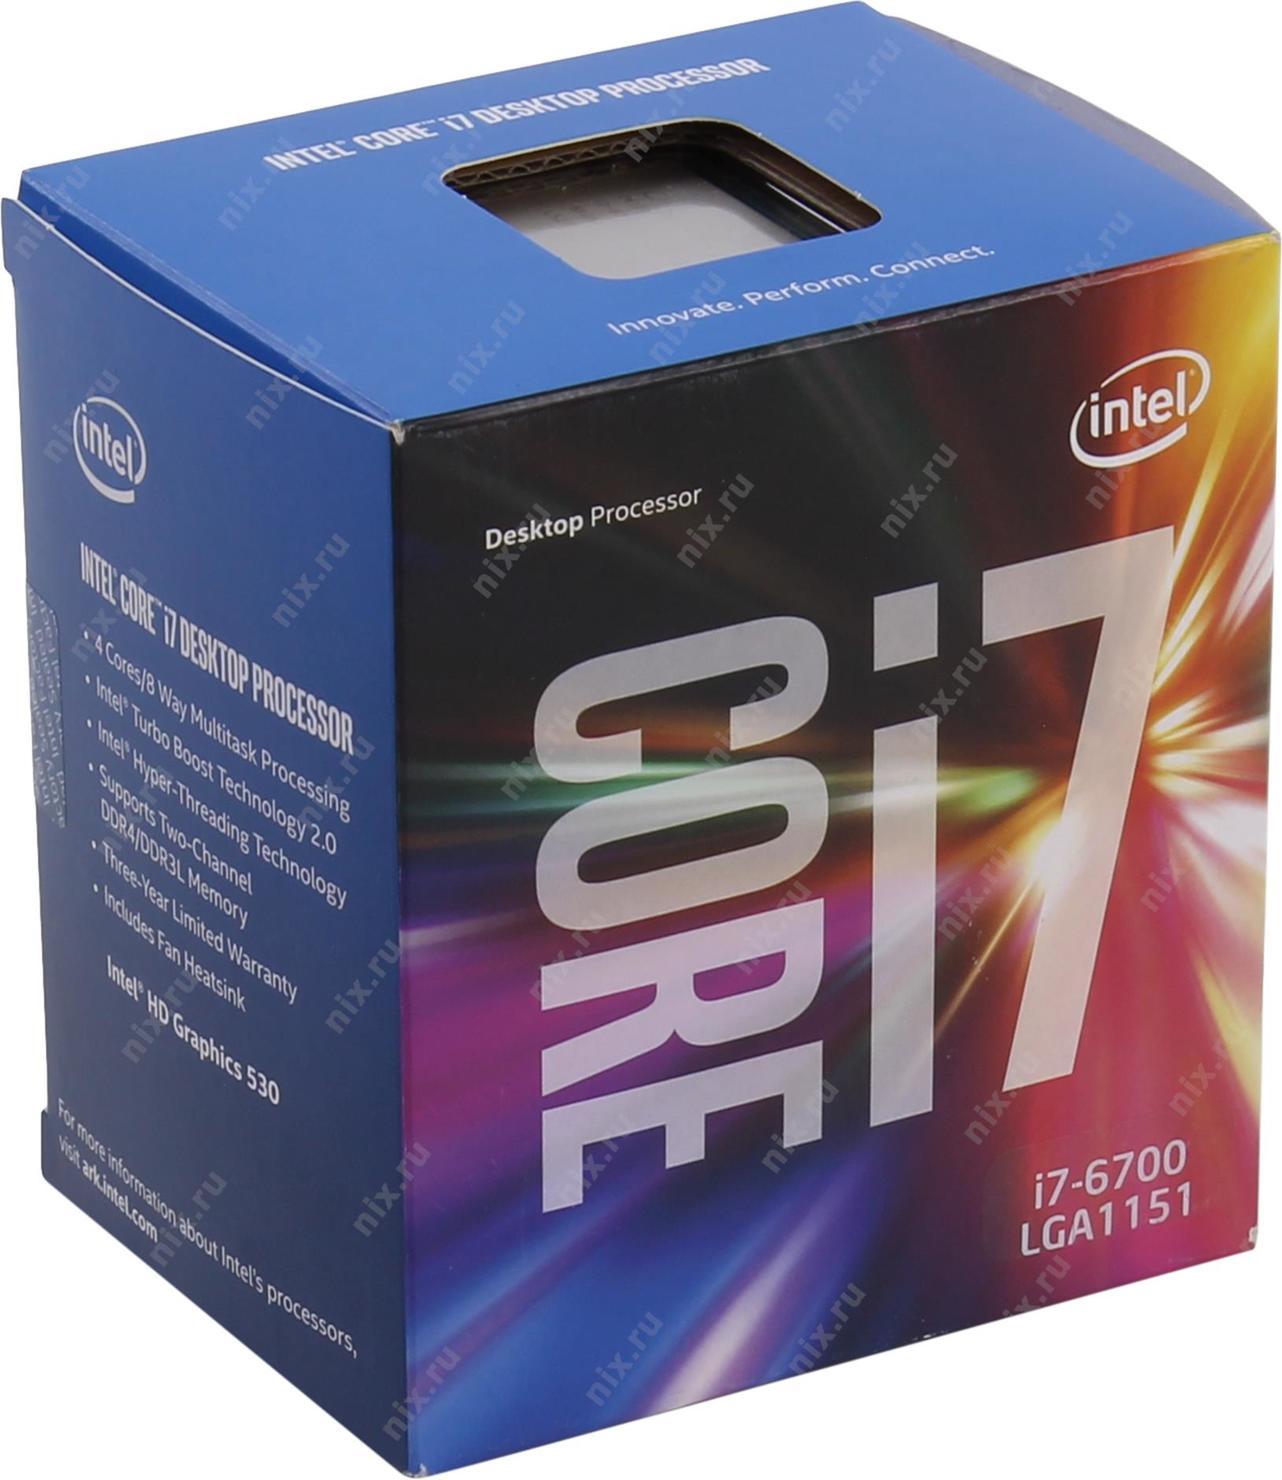 Процессор INTEL Core i7-6700 Processor - купить, сравнить ...